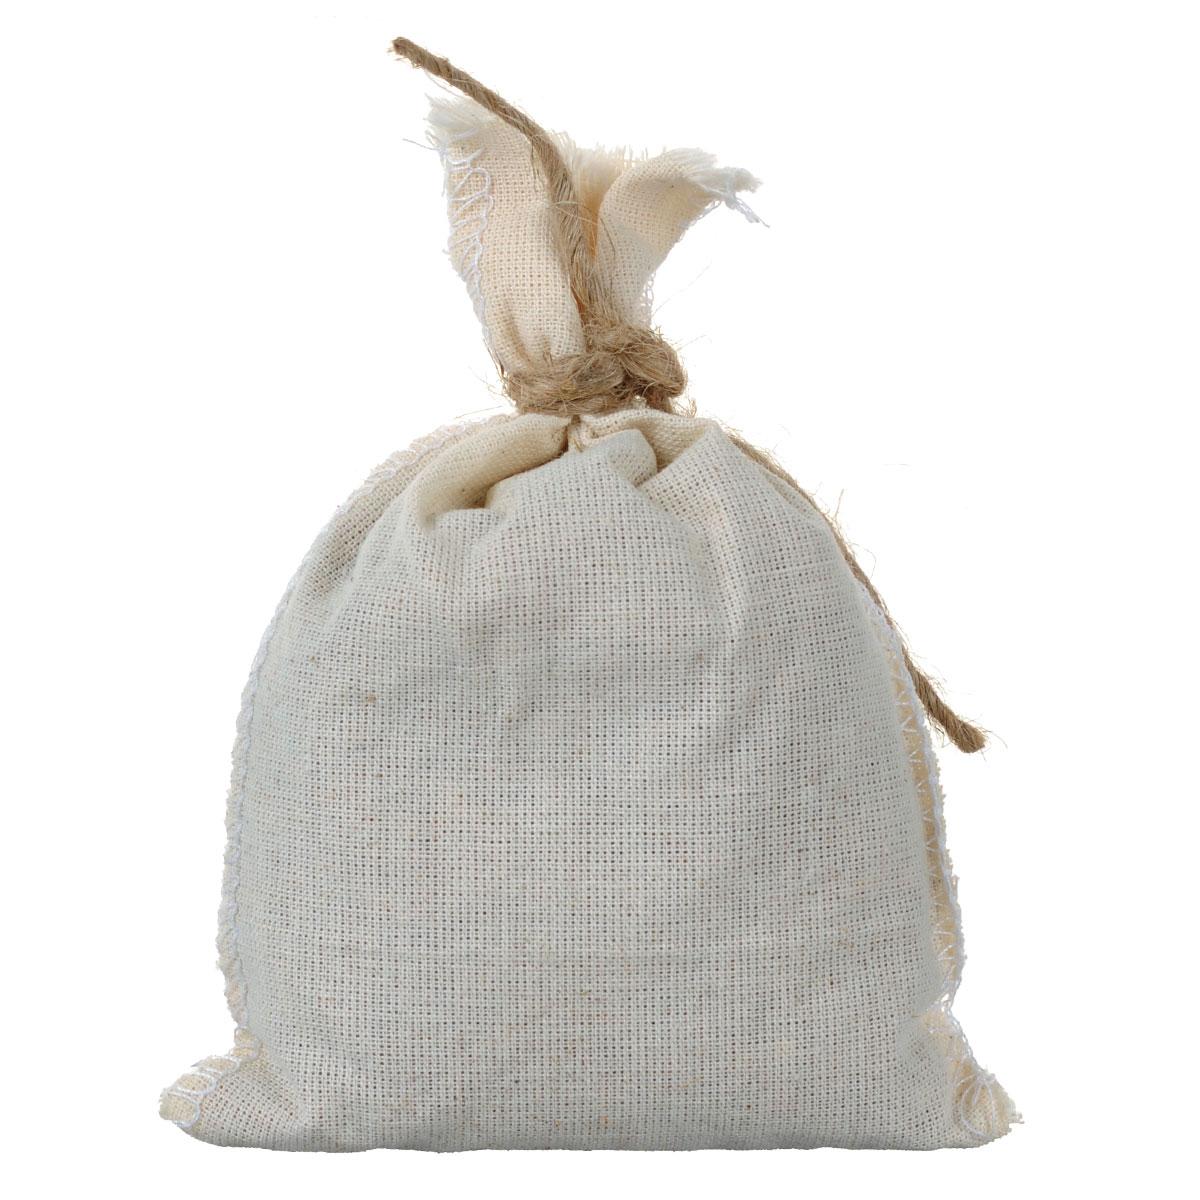 Запарка банная травяная Можжевельник и зверобой, 30 гБ2152Травяная запарка для бани Можжевельник и зверобой позволит расслабиться и насладиться приятным ароматом натуральных трав. Живительная сила 100% натуральных травяных сборов способствует оздоровлению всего организма: - укрепляет иммунитет, - тонизирует, - витаминизирует, - выводит токсины, - рекомендована профессиональными парильщиками. Применение для бани и ванн: Мешочек заливается кипятком (3 л) и настаивается 15-20 минут. Емкость желательно закрыть крышкой. Рекомендуется принимать ванну в течение 15 минут.